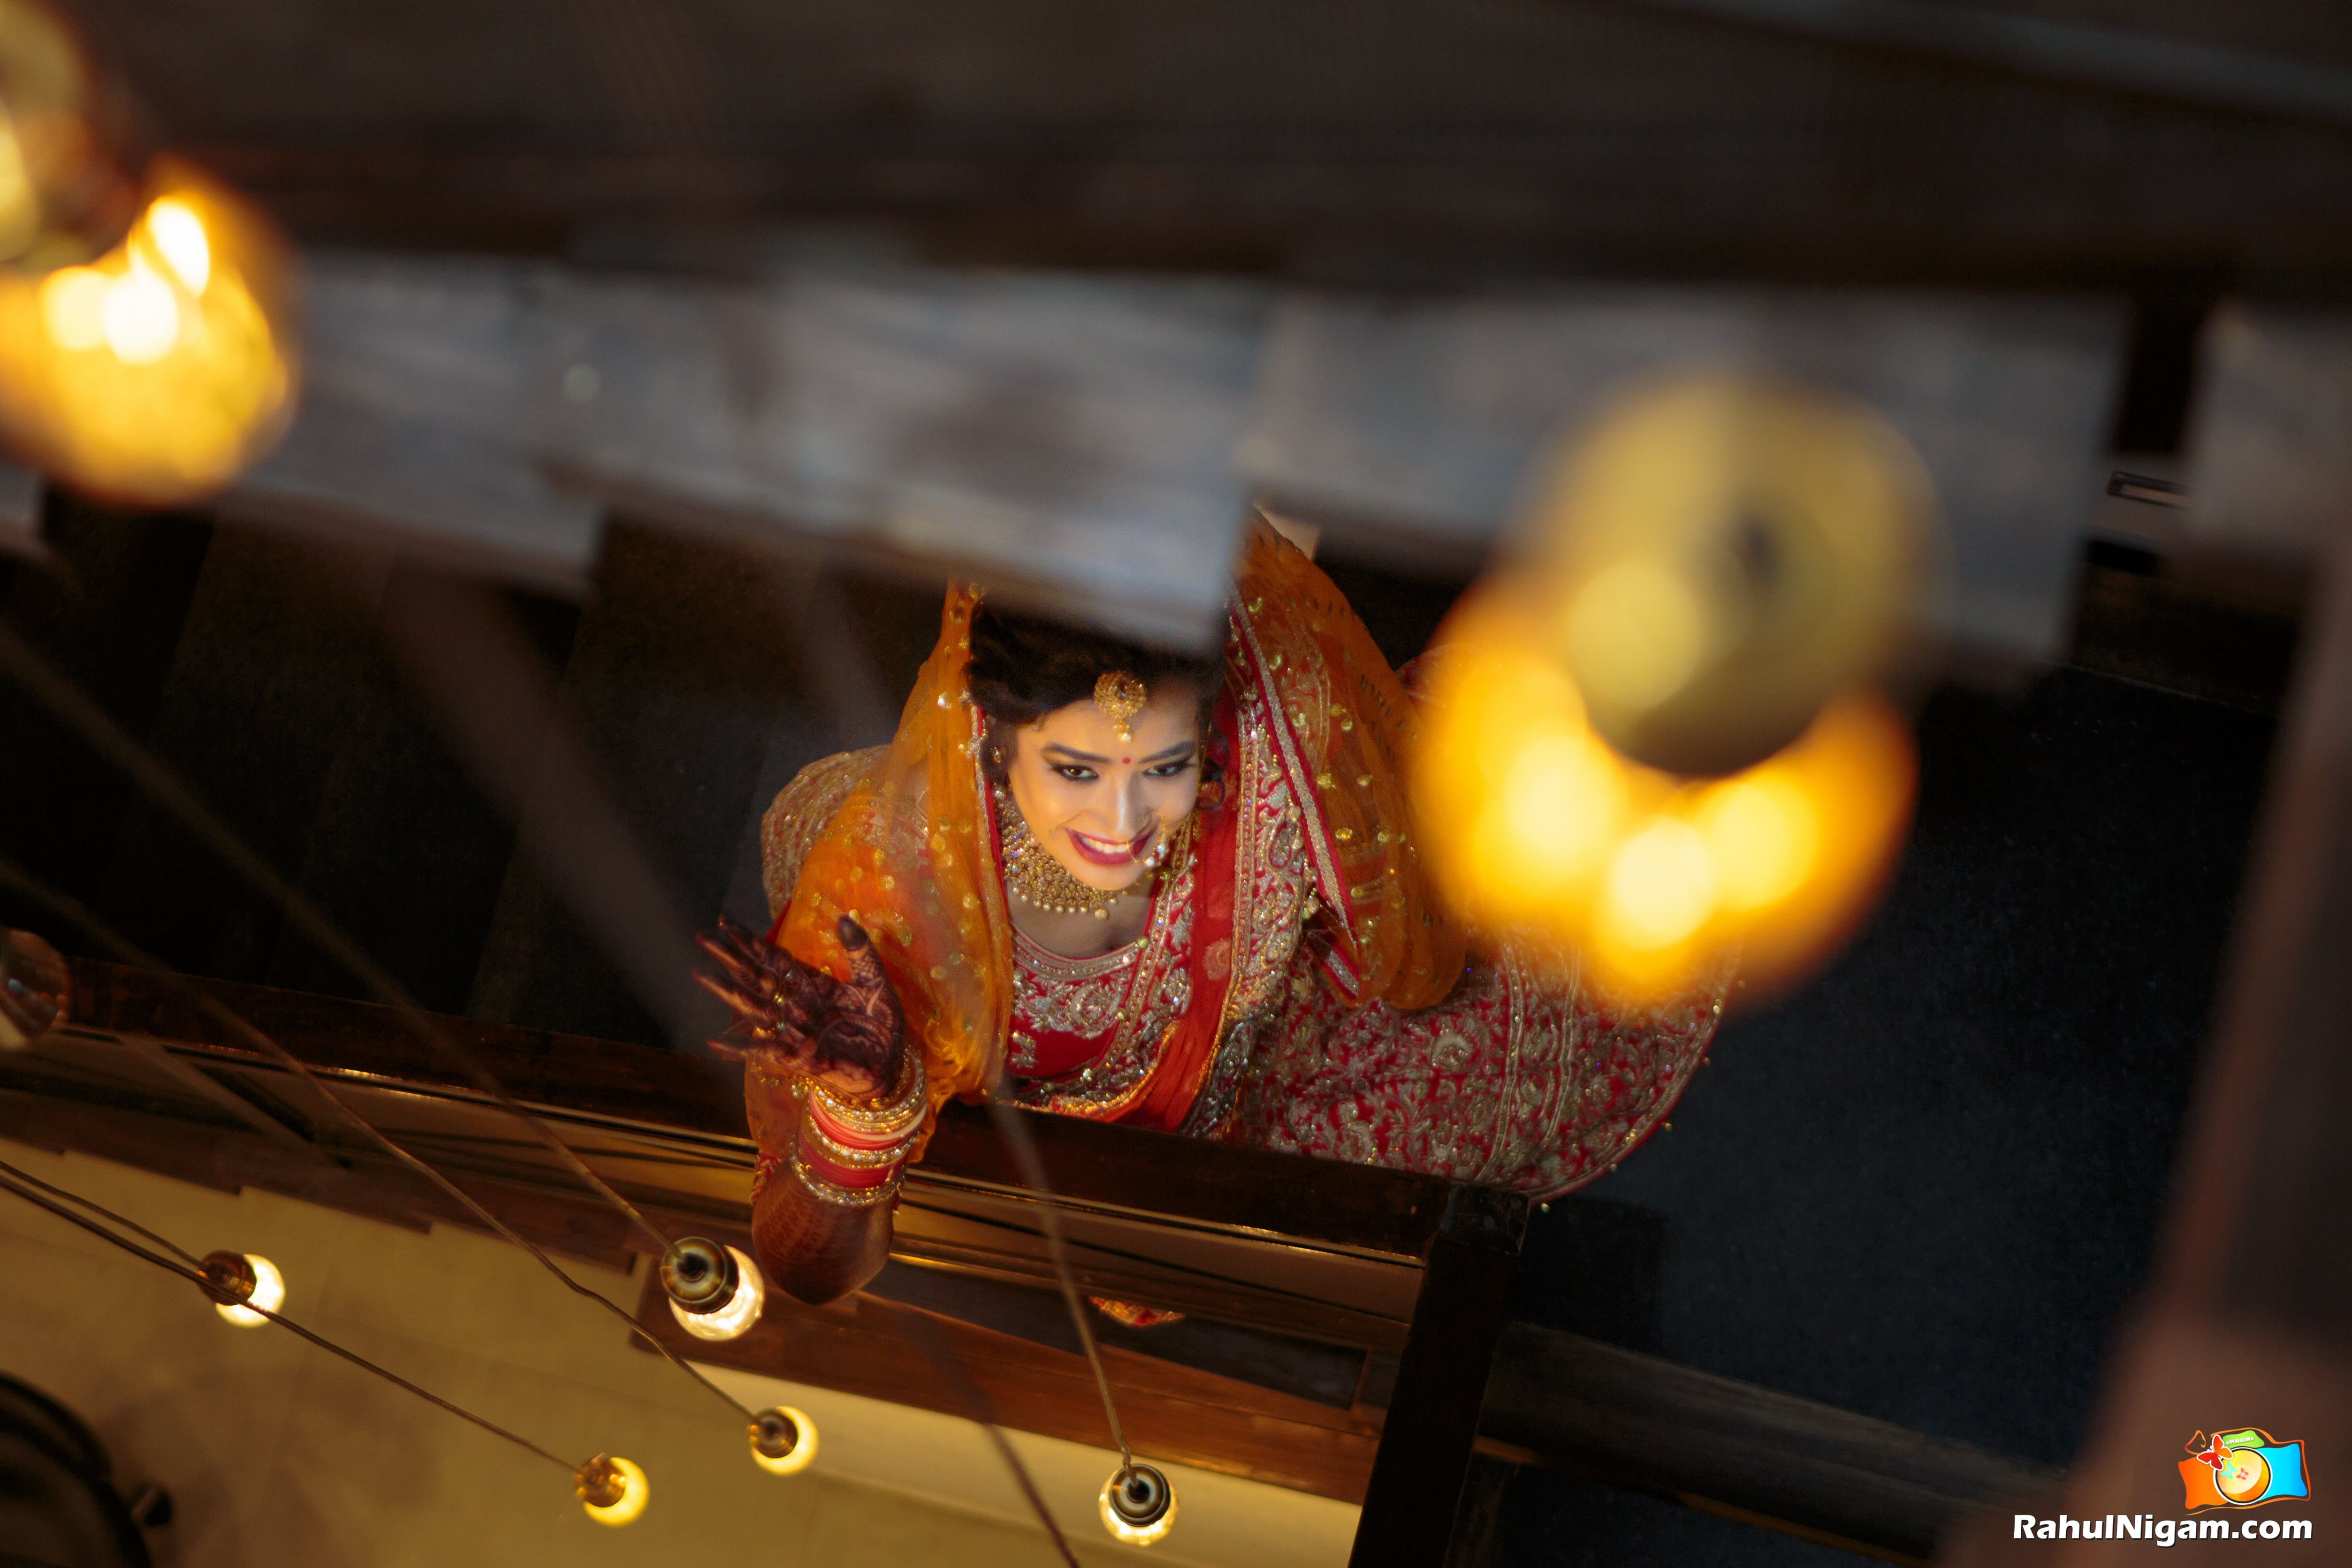 www.RahulNigam.com71-min